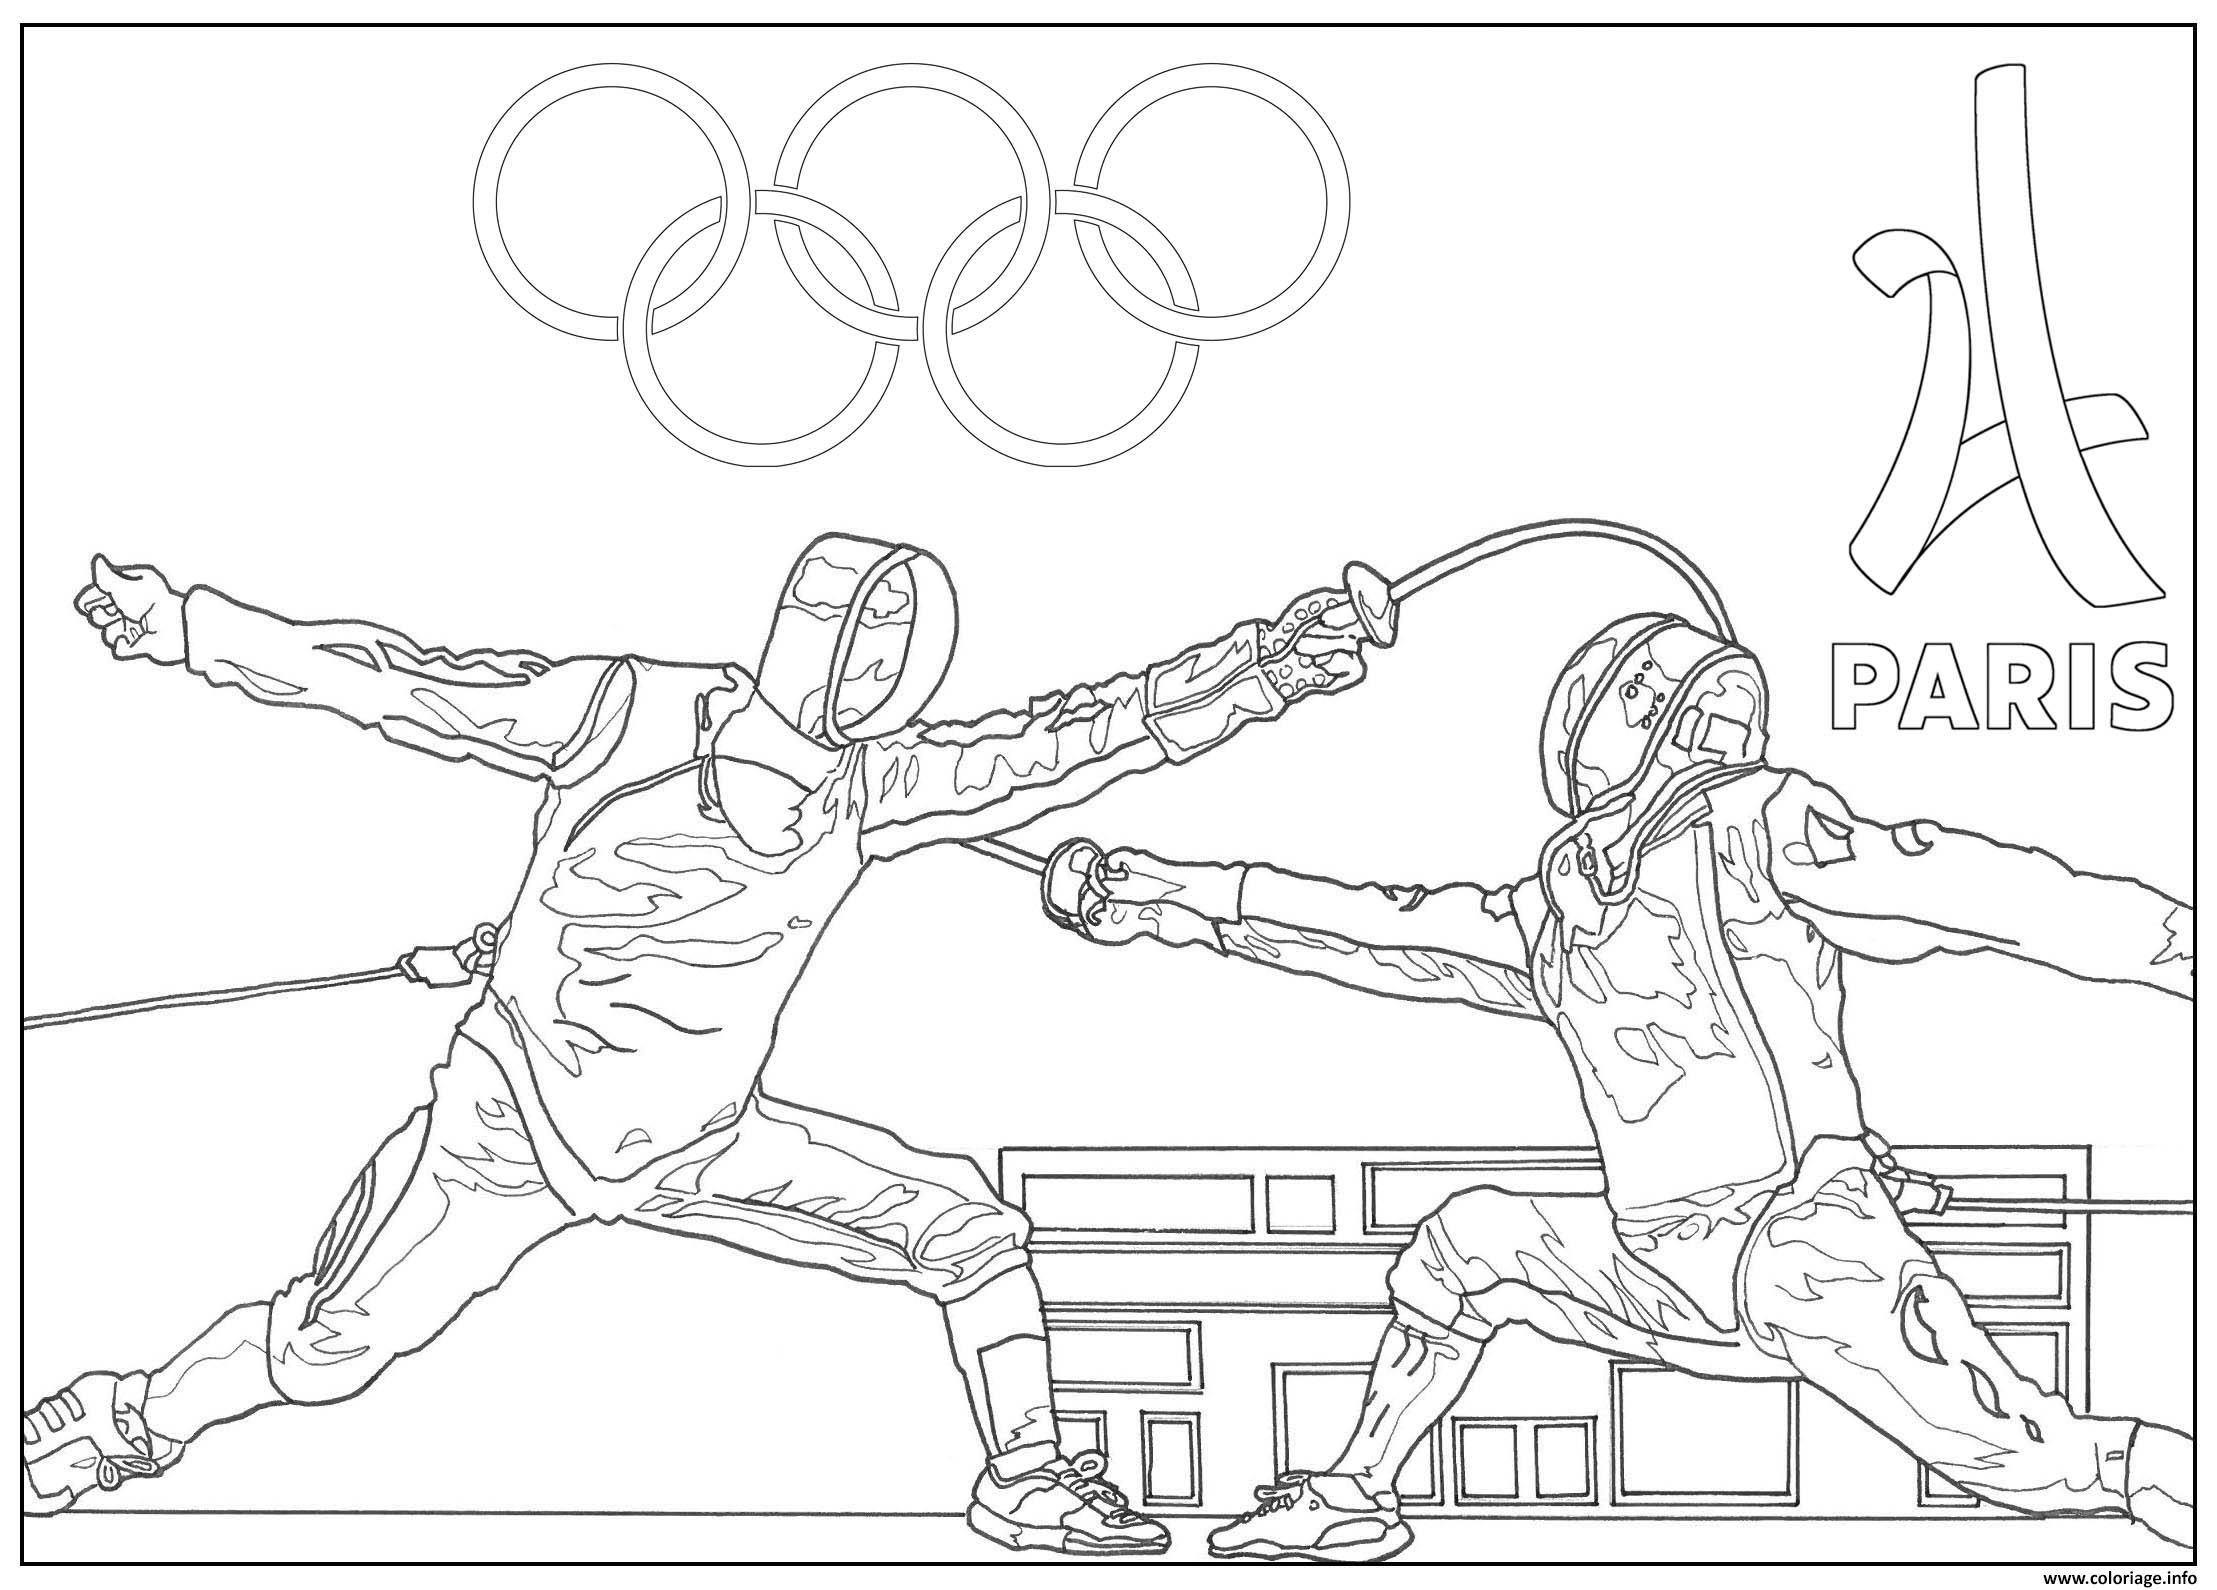 Dessin adulte jeux olympiques escrime paris 2024 Coloriage Gratuit à Imprimer